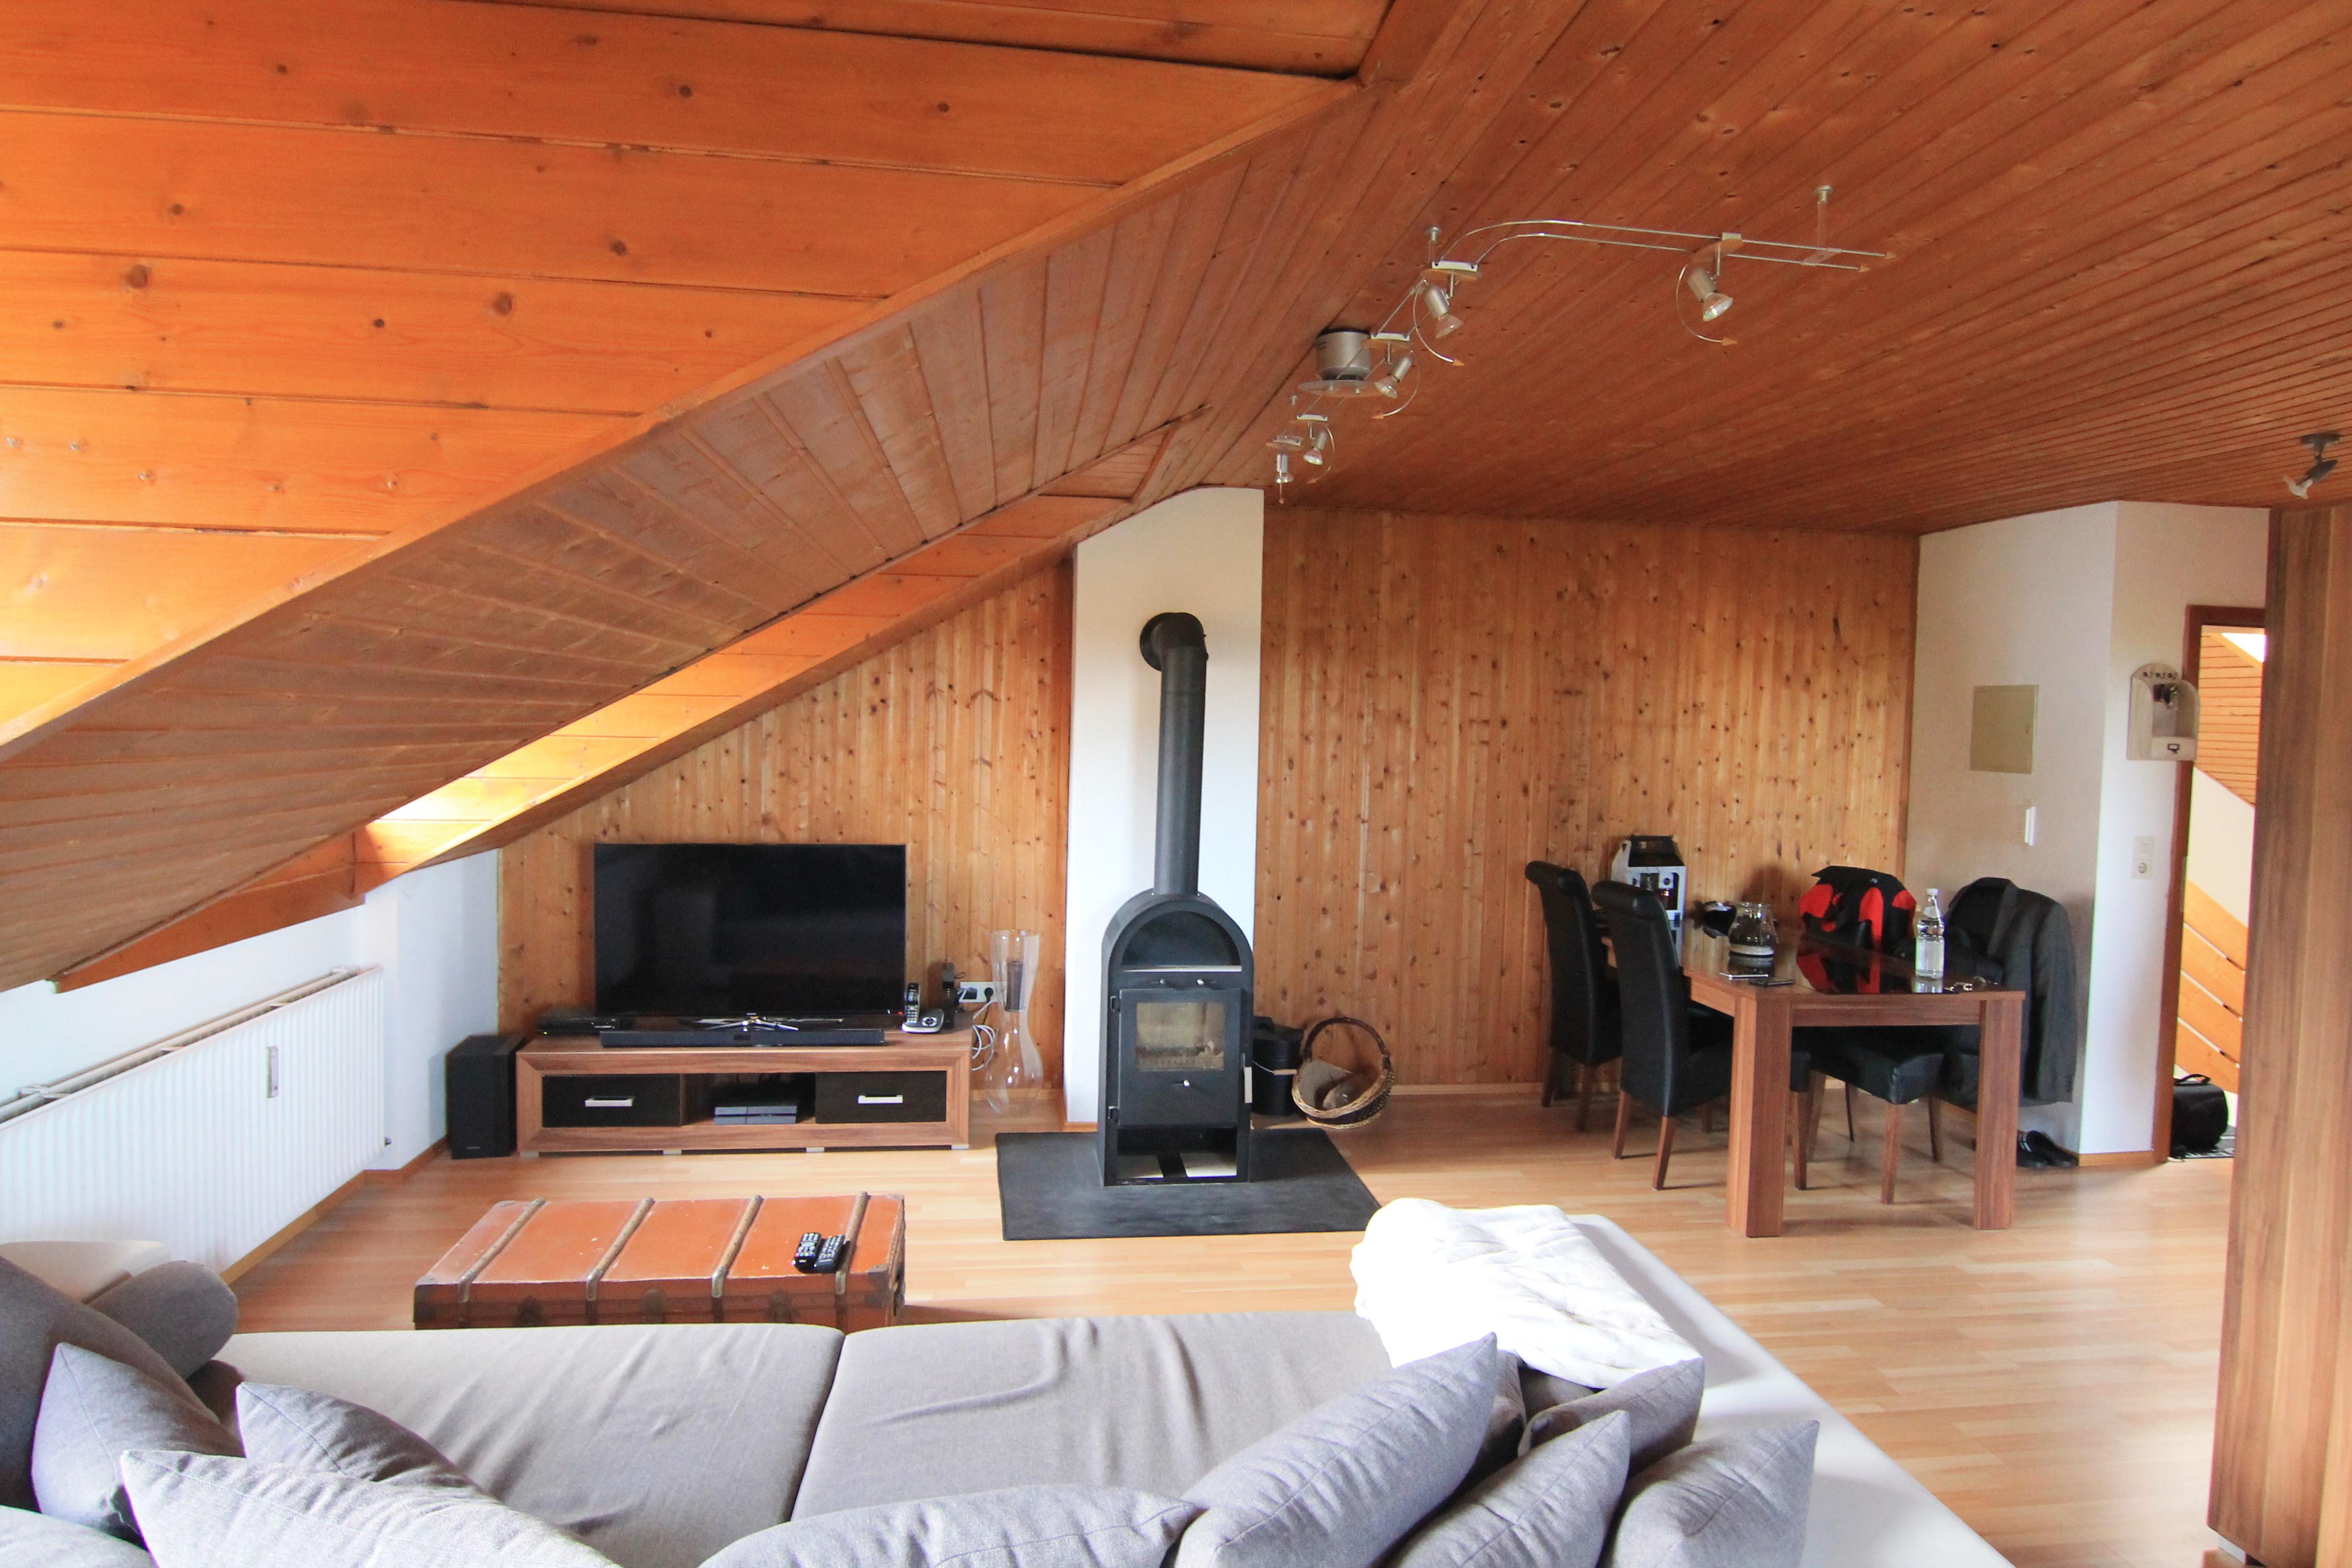 Gemutlich Unterm Dach Gepflegte 2 Zimmer Dachgeschoss Wohnung Mit